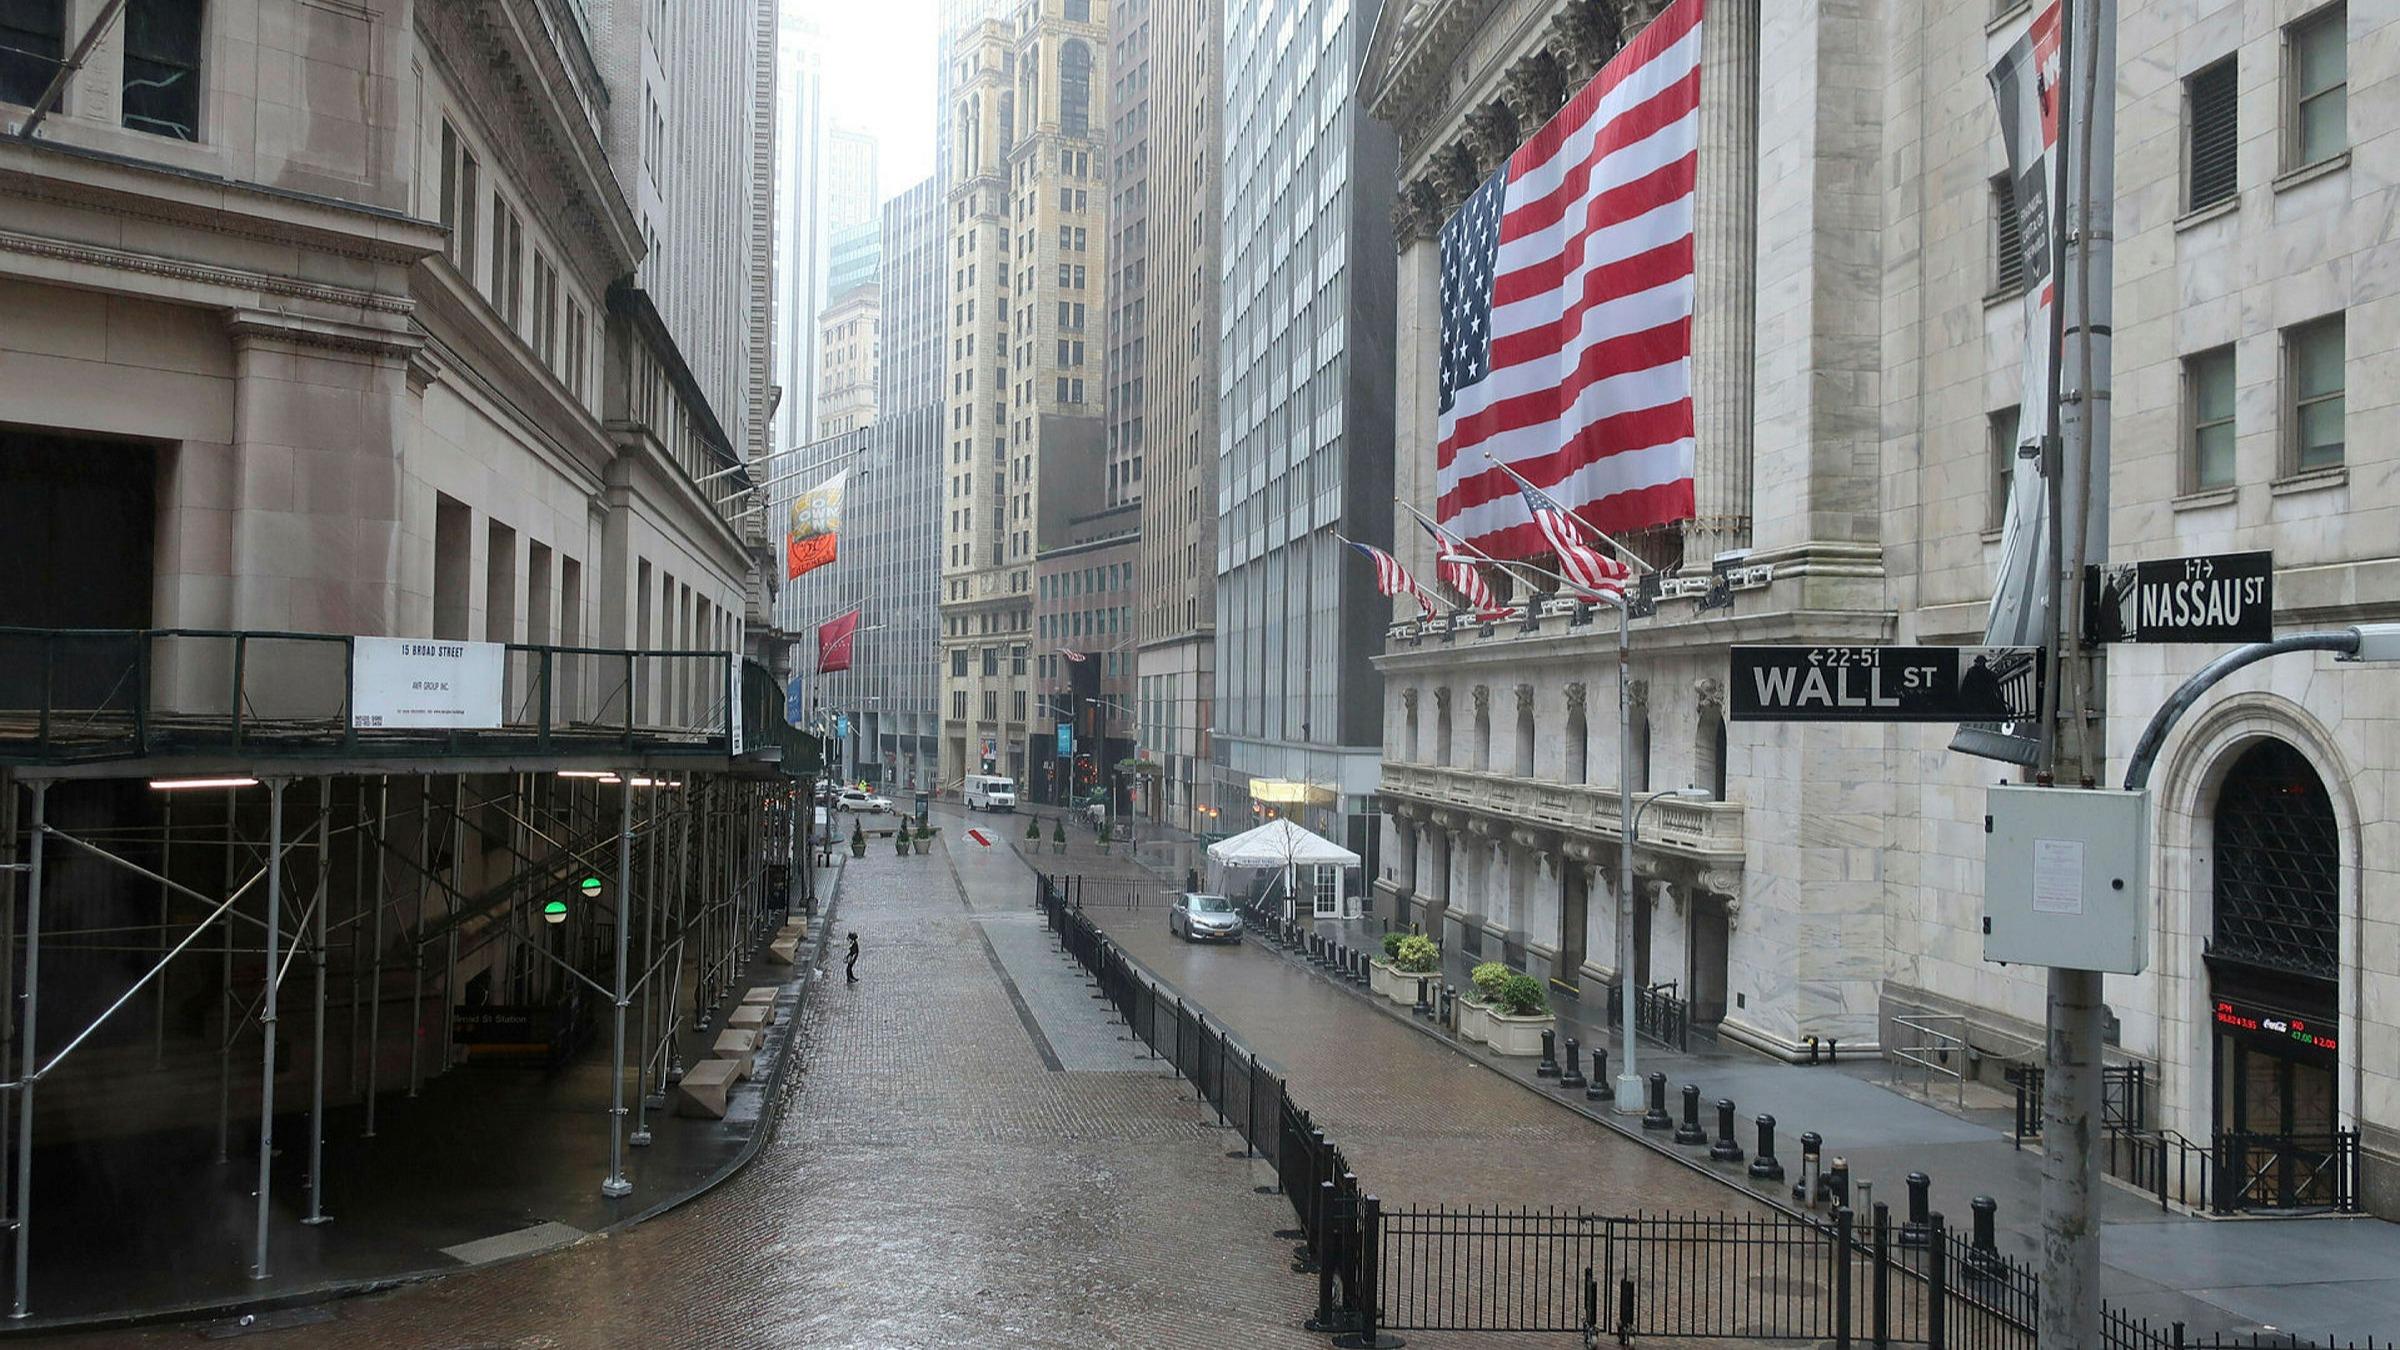 Wall Street ends higher as investors look past immediate downturn ...